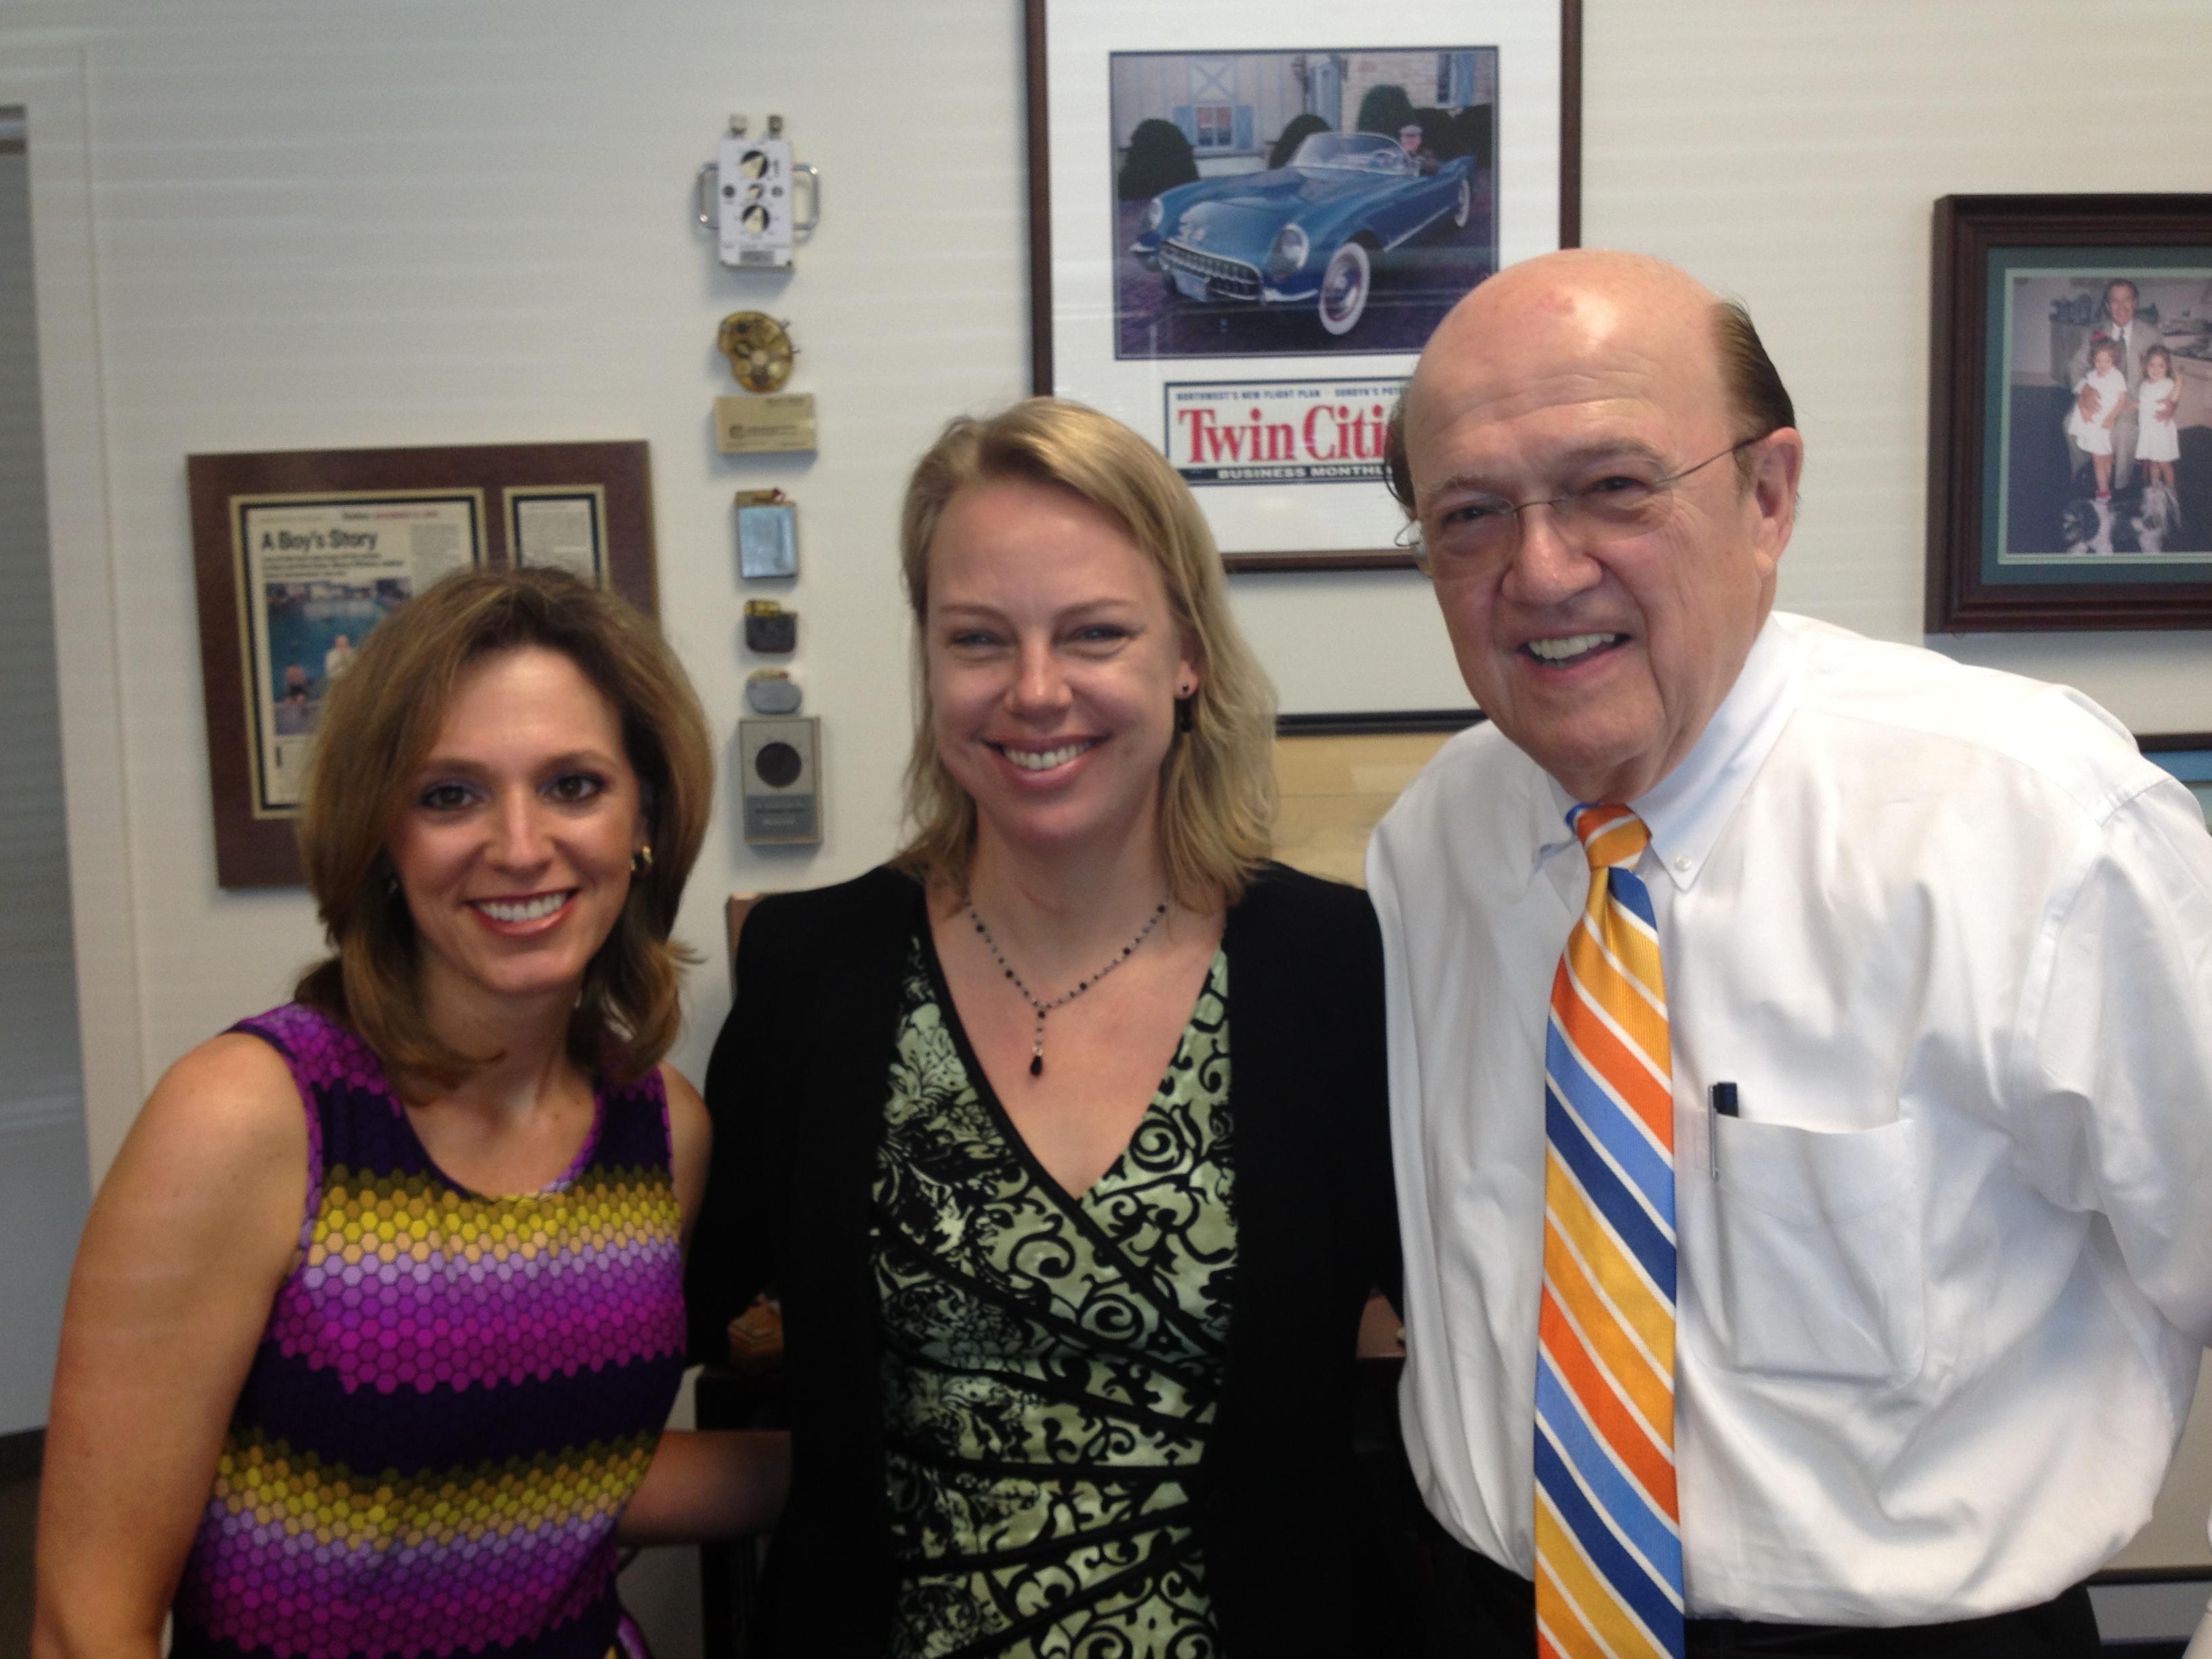 Kari Fantasia, Monica Smith, and Manny Villafaña at Kips Bay Medical, June 28, 2013.